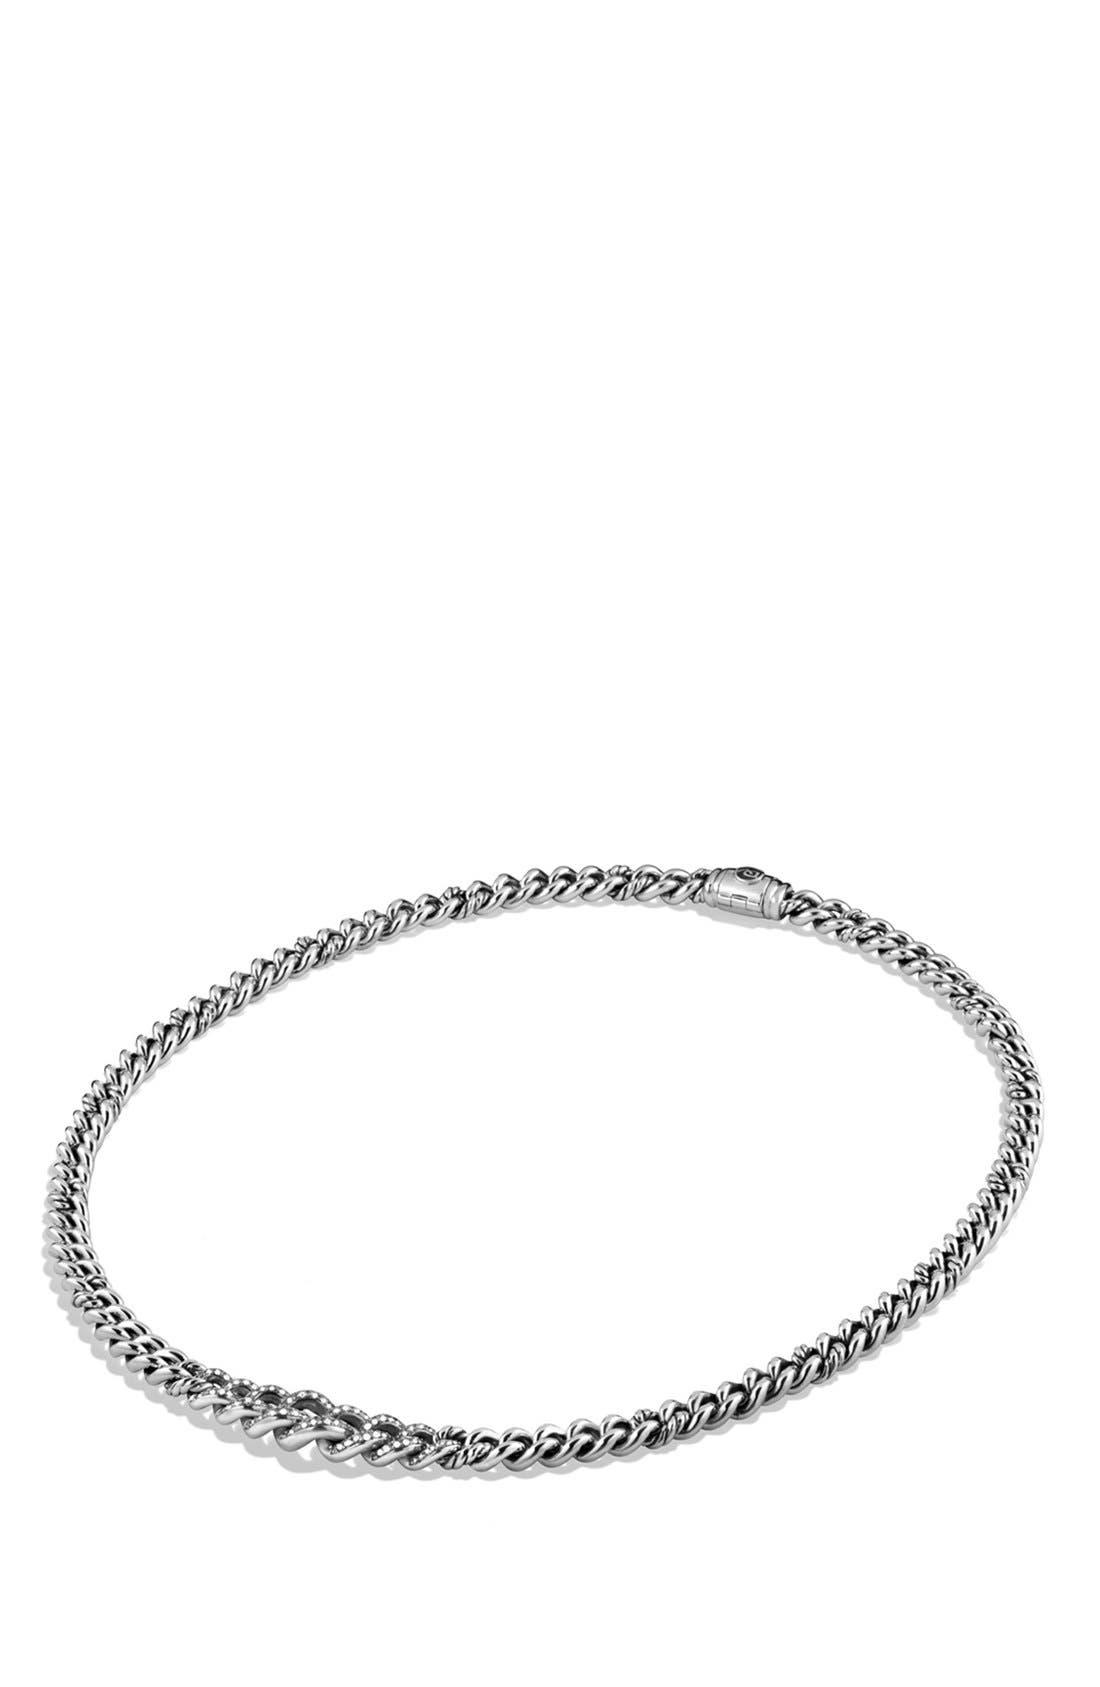 'Petite Pavé' Curb Chain Necklace with Diamonds,                             Alternate thumbnail 2, color,                             040